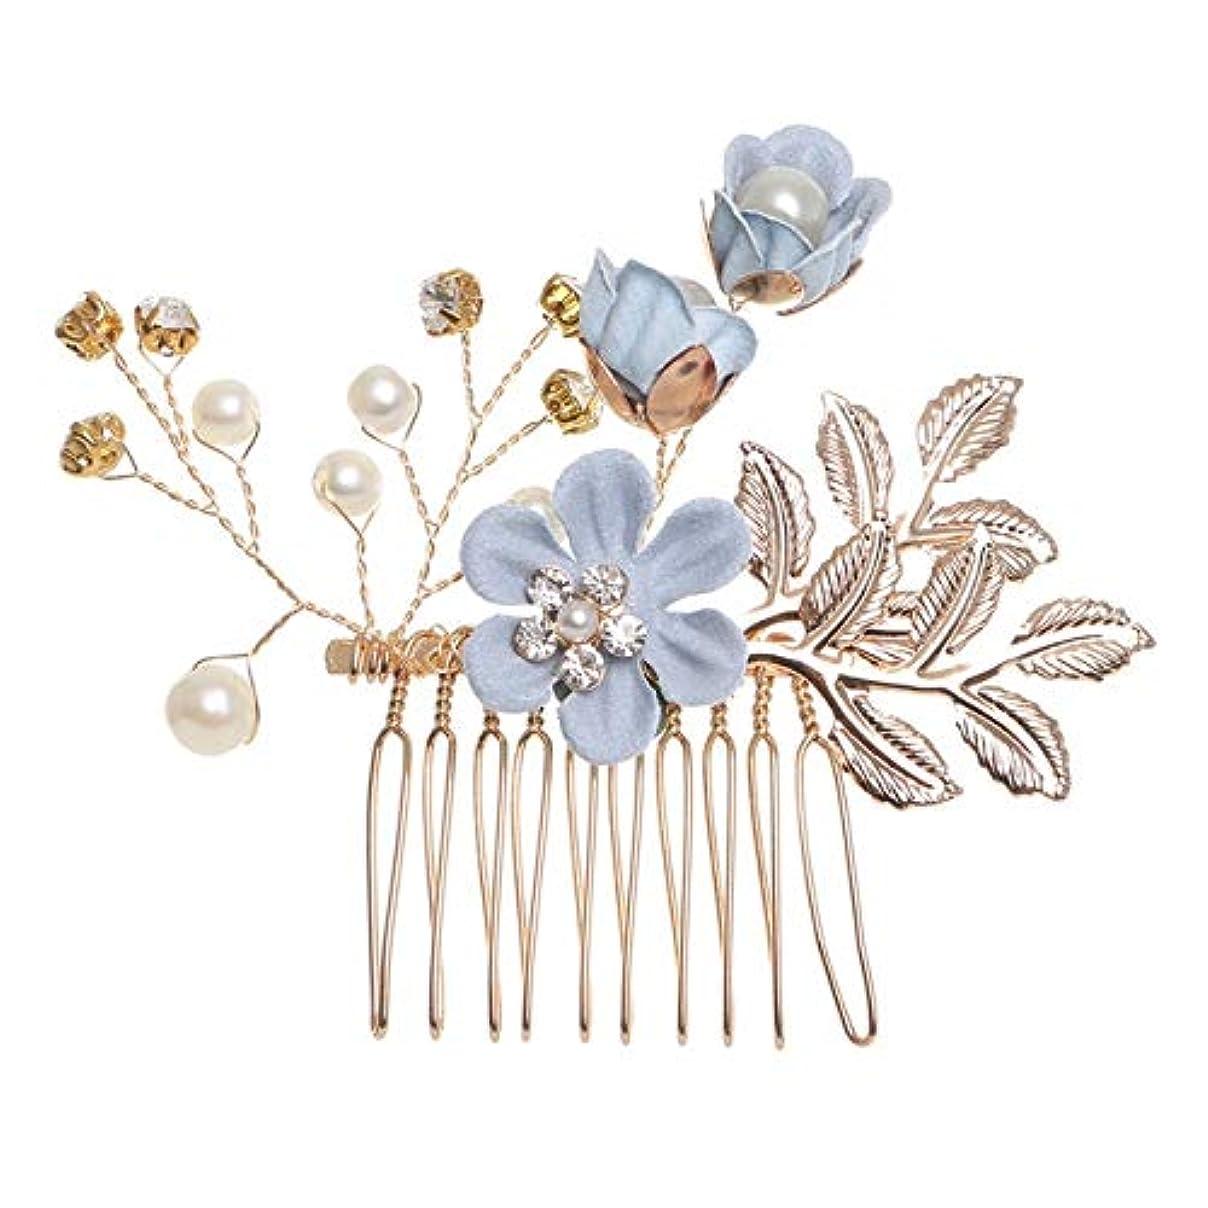 不要繊細可能にするHairpinheair YHMファッションフラワーヘアコームヘッドドレスウエディングブライダルウェディングヘアアクセサリー金箔ヘアジュエリーヘアピン(ブルー1フラワー) (色 : Blue hair comb)